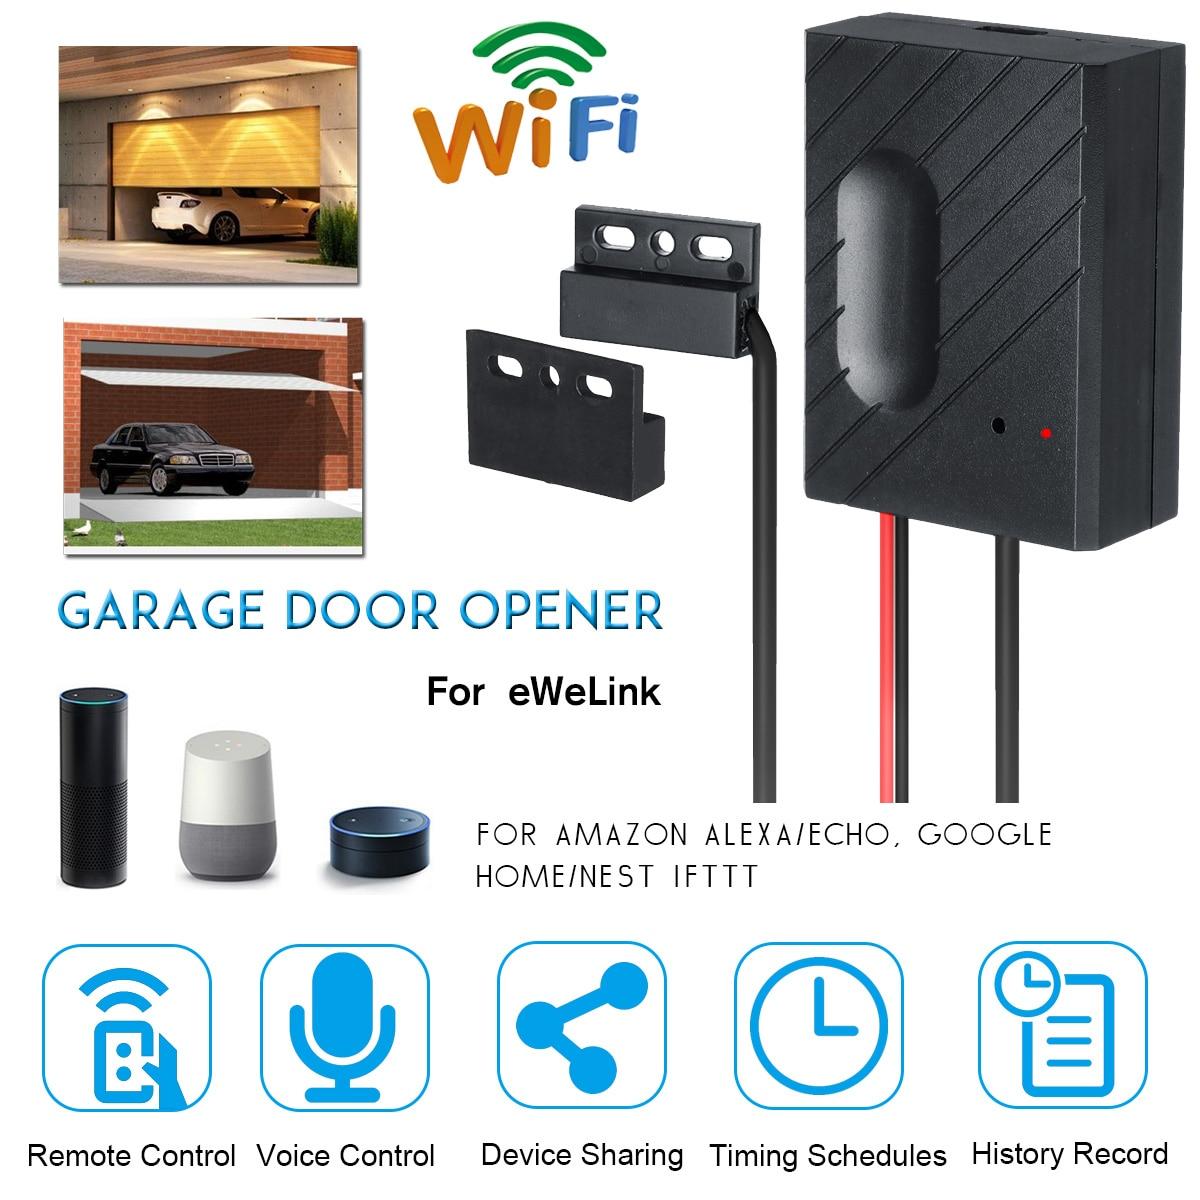 Controlador de puerta de garaje con interruptor WiFi Ewelink para apertura de puerta de garaje, aplicación remota, Control de voz